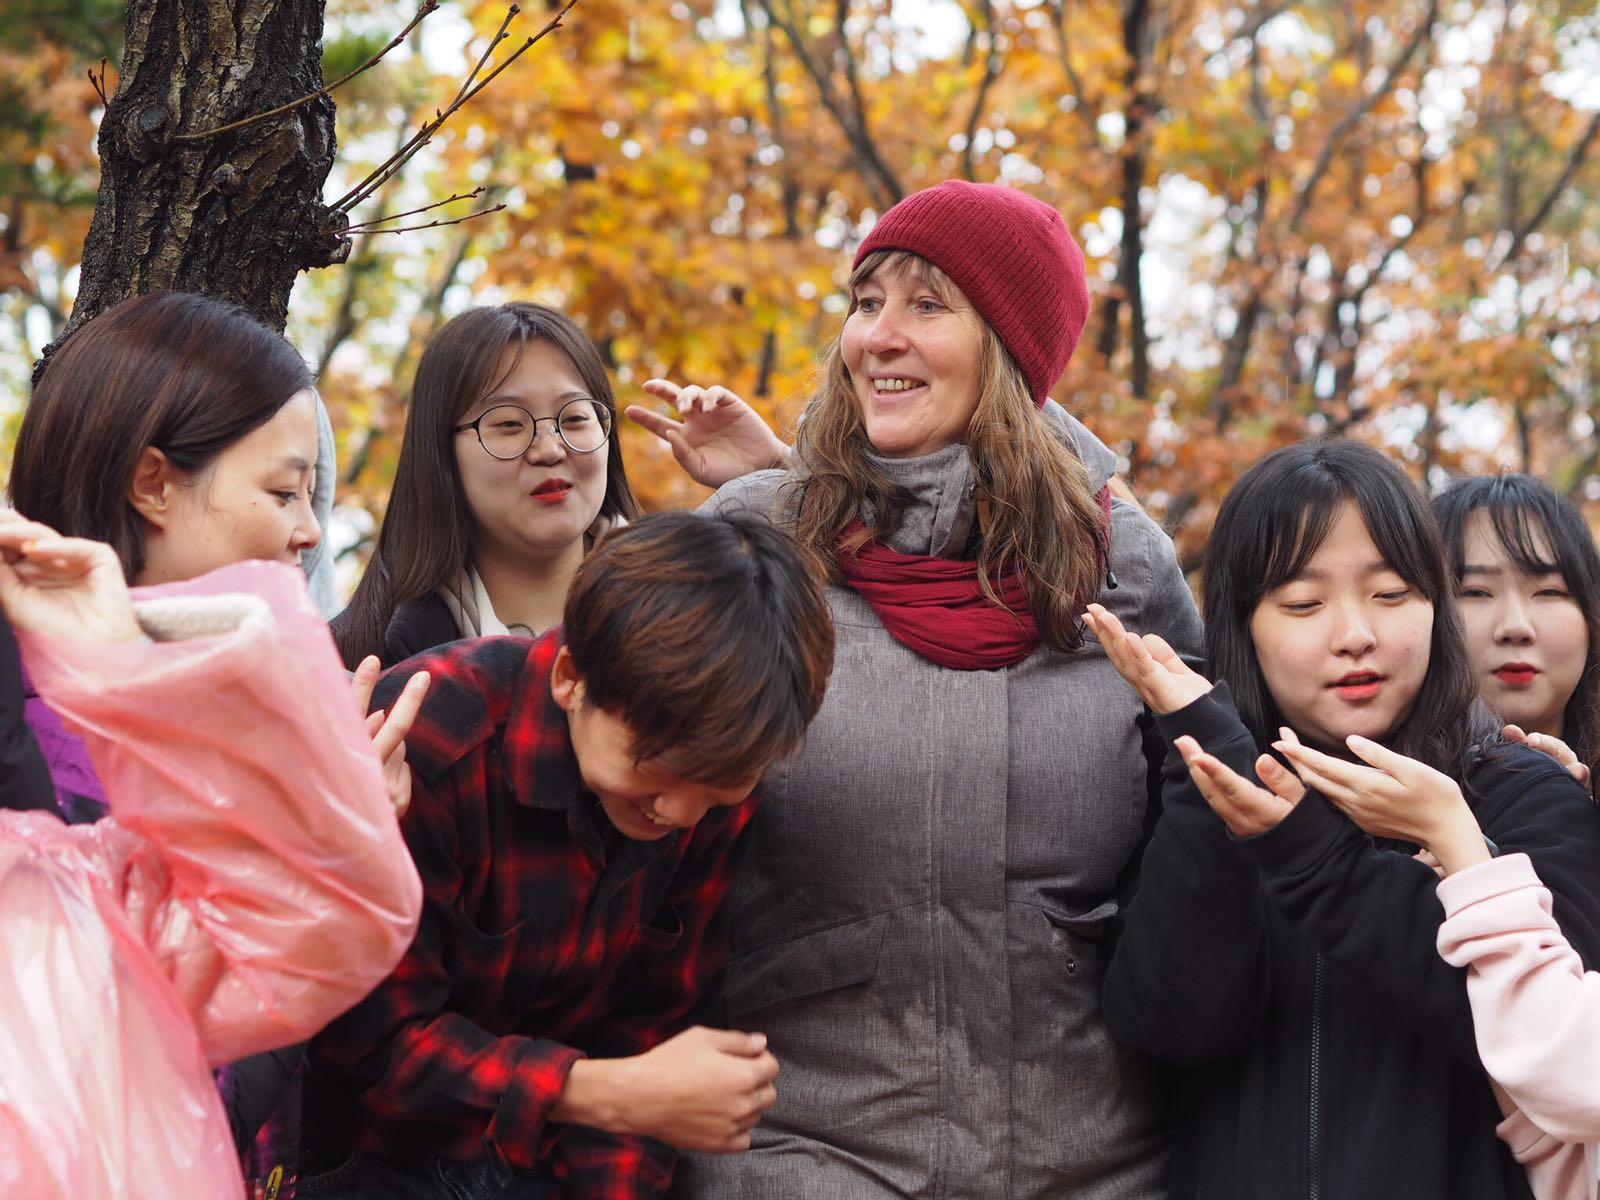 """Petra Jäger mit einer Gruppe Teilnehmer an dem Kongress """"Natur, Freispiel, Gemeinschaft"""", College Chung Kang, nach einer Stunde Dauerregen konnten die Regenschirme weggelassen werden"""